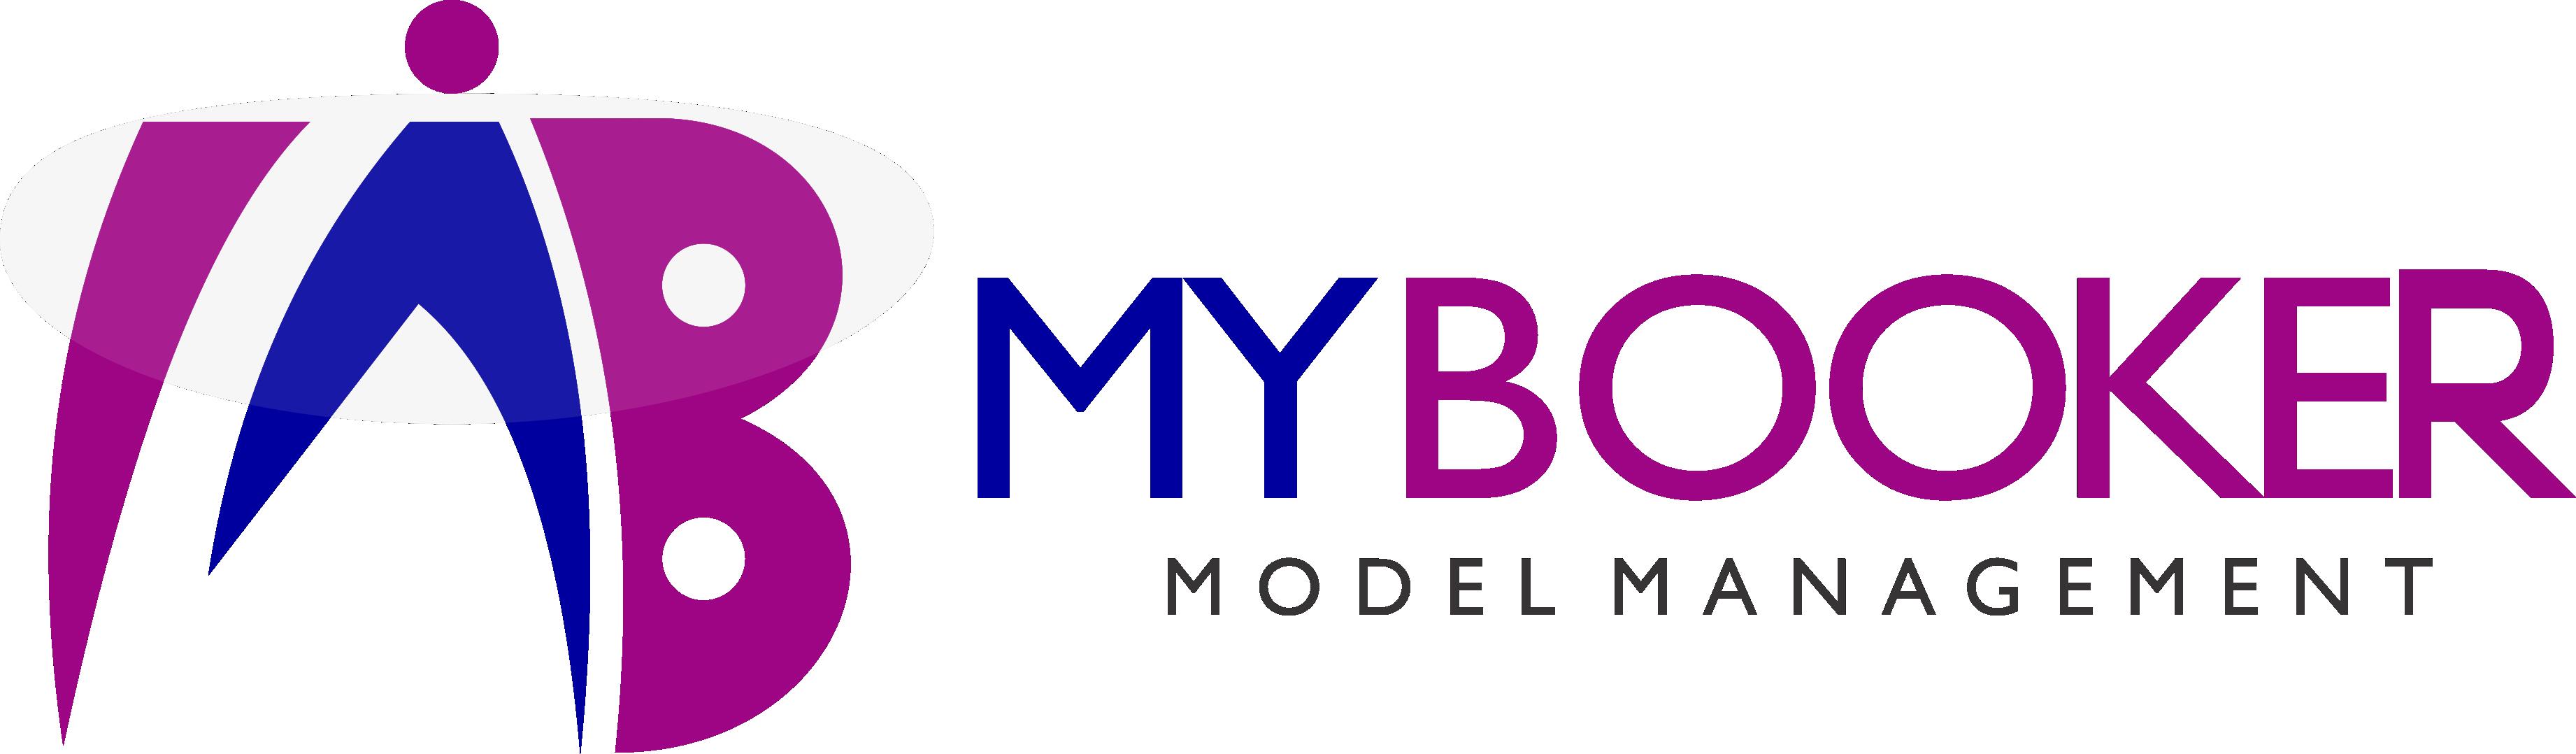 MyBooker Model Management